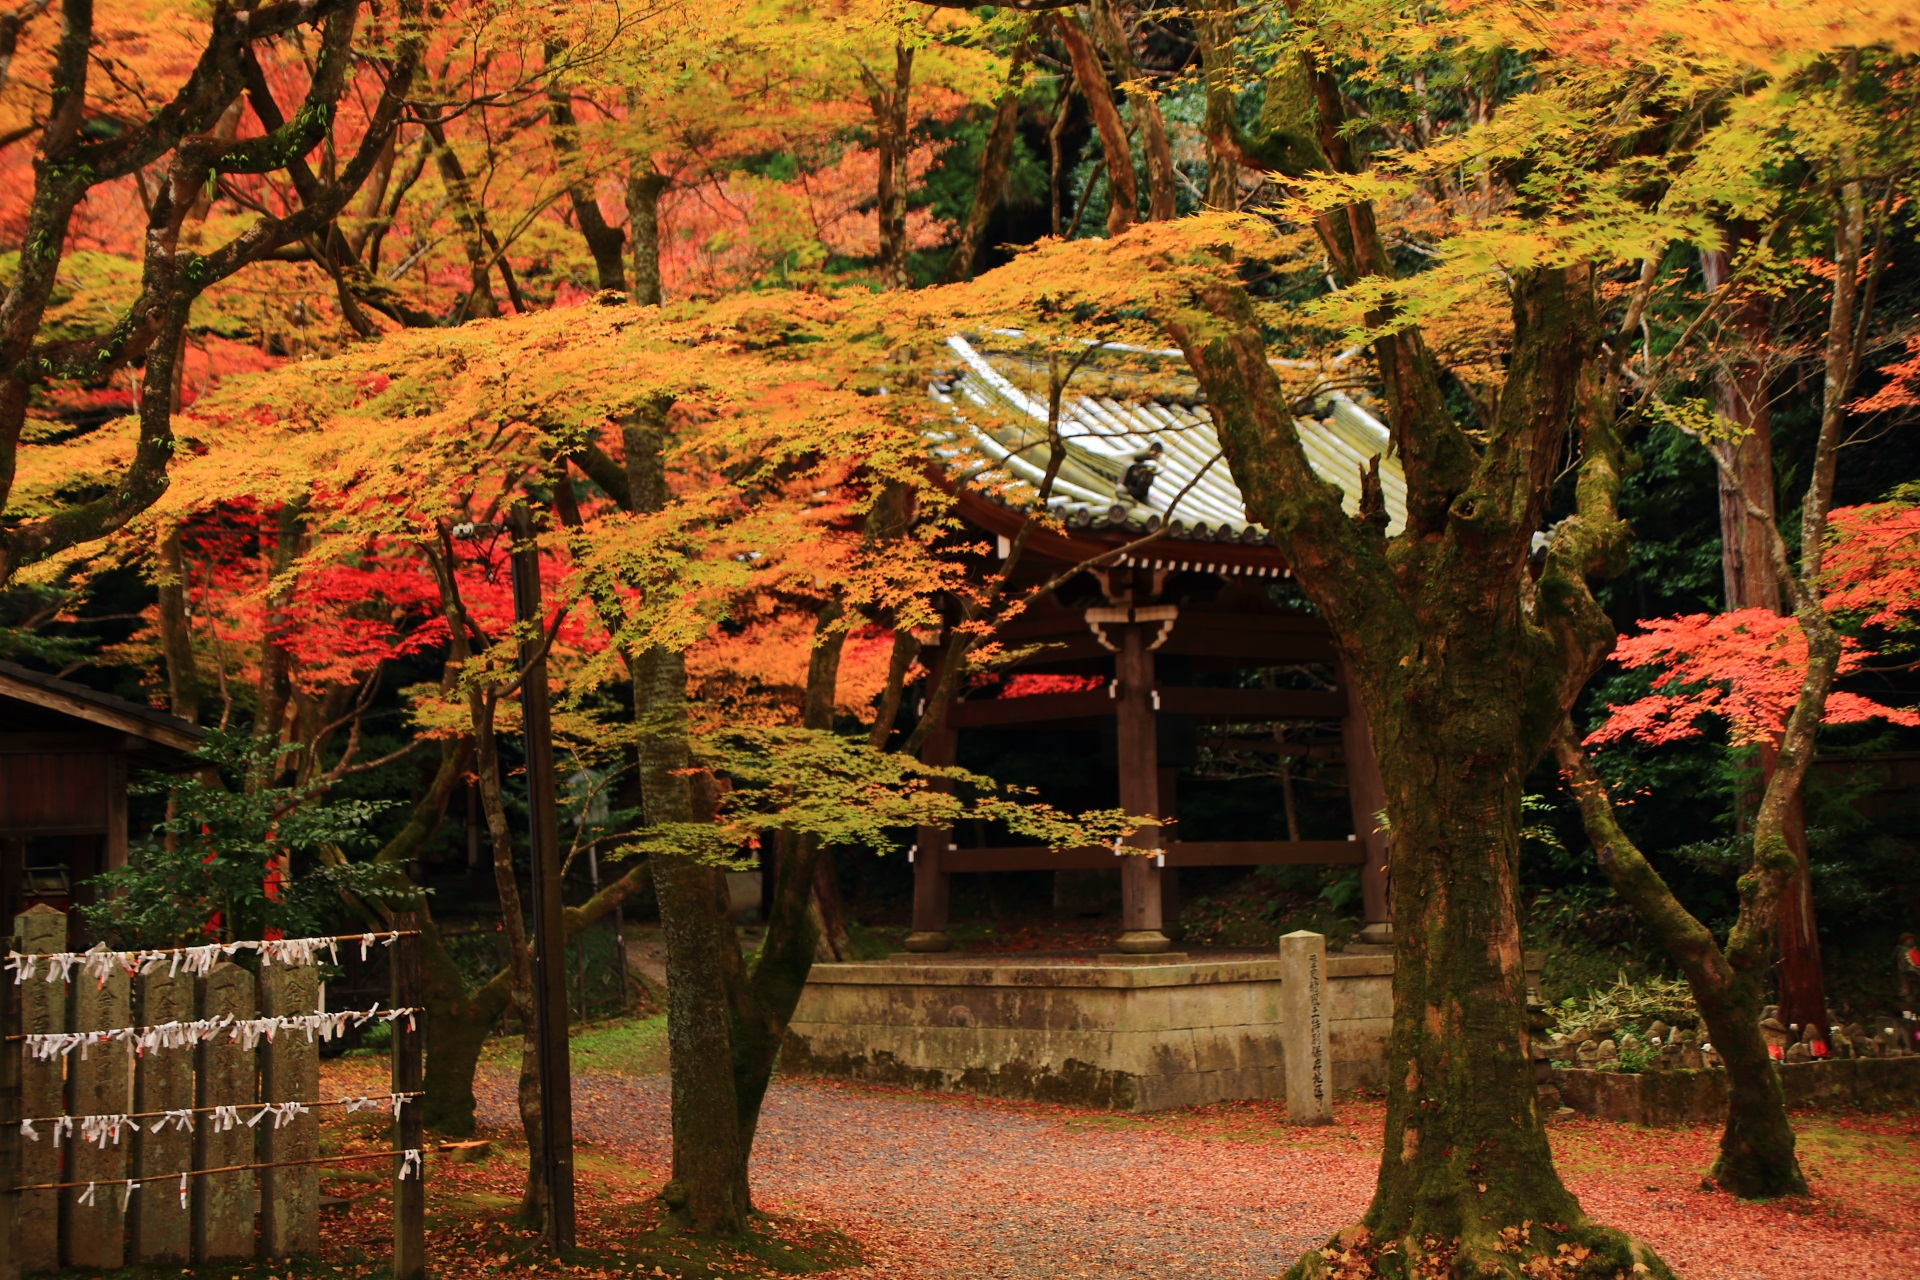 柔らかな秋の空間に佇む鐘楼